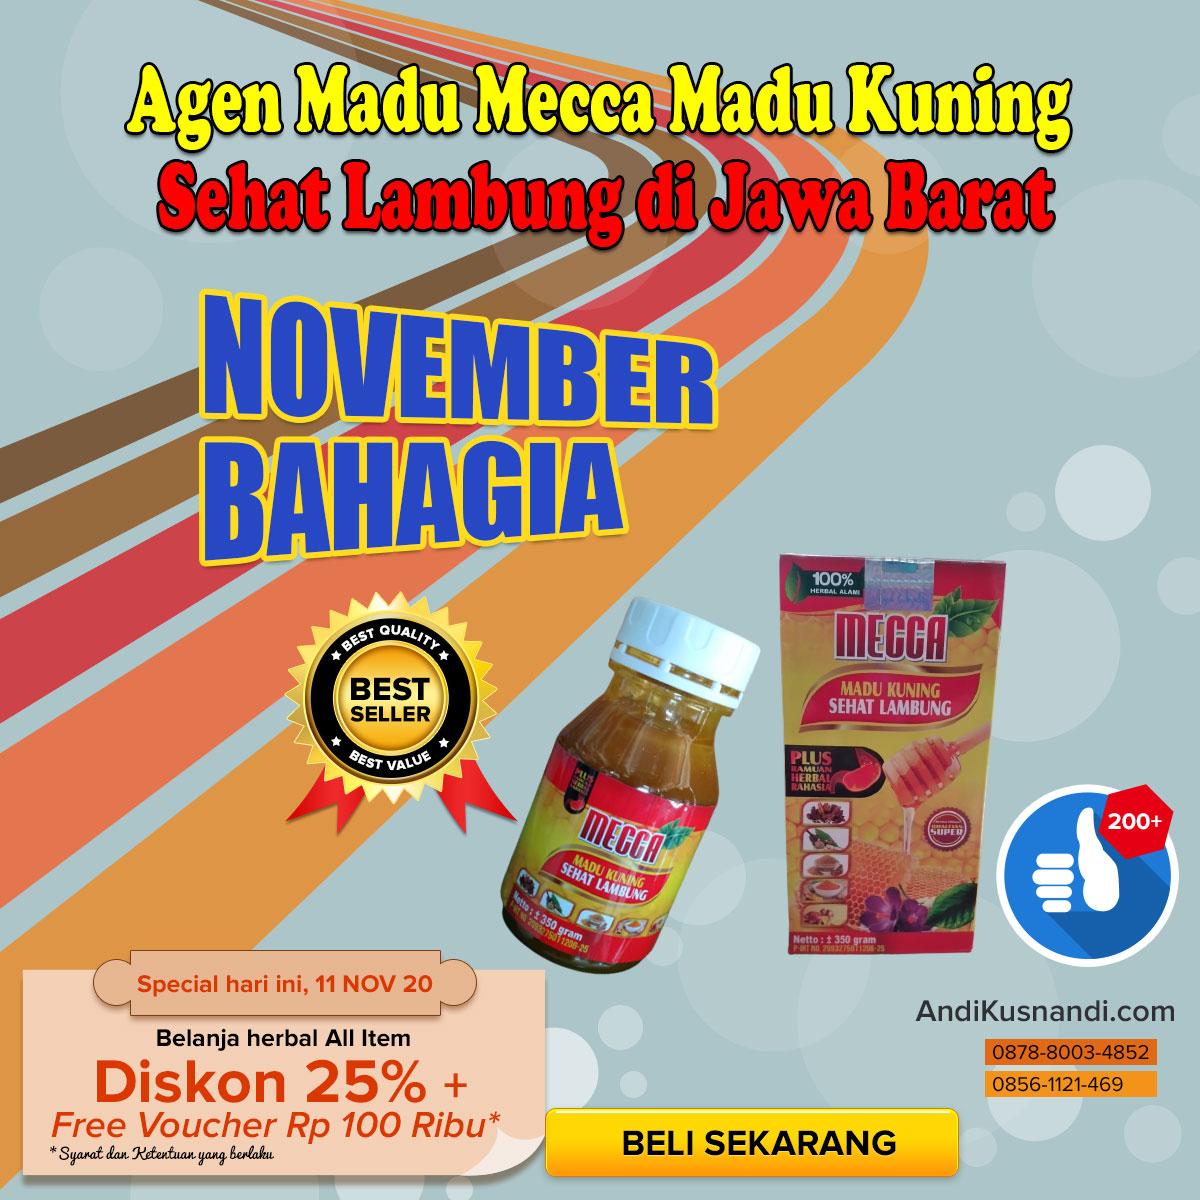 Agen Madu Mecca Madu Kuning Sehat Lambung di Jawa Barat